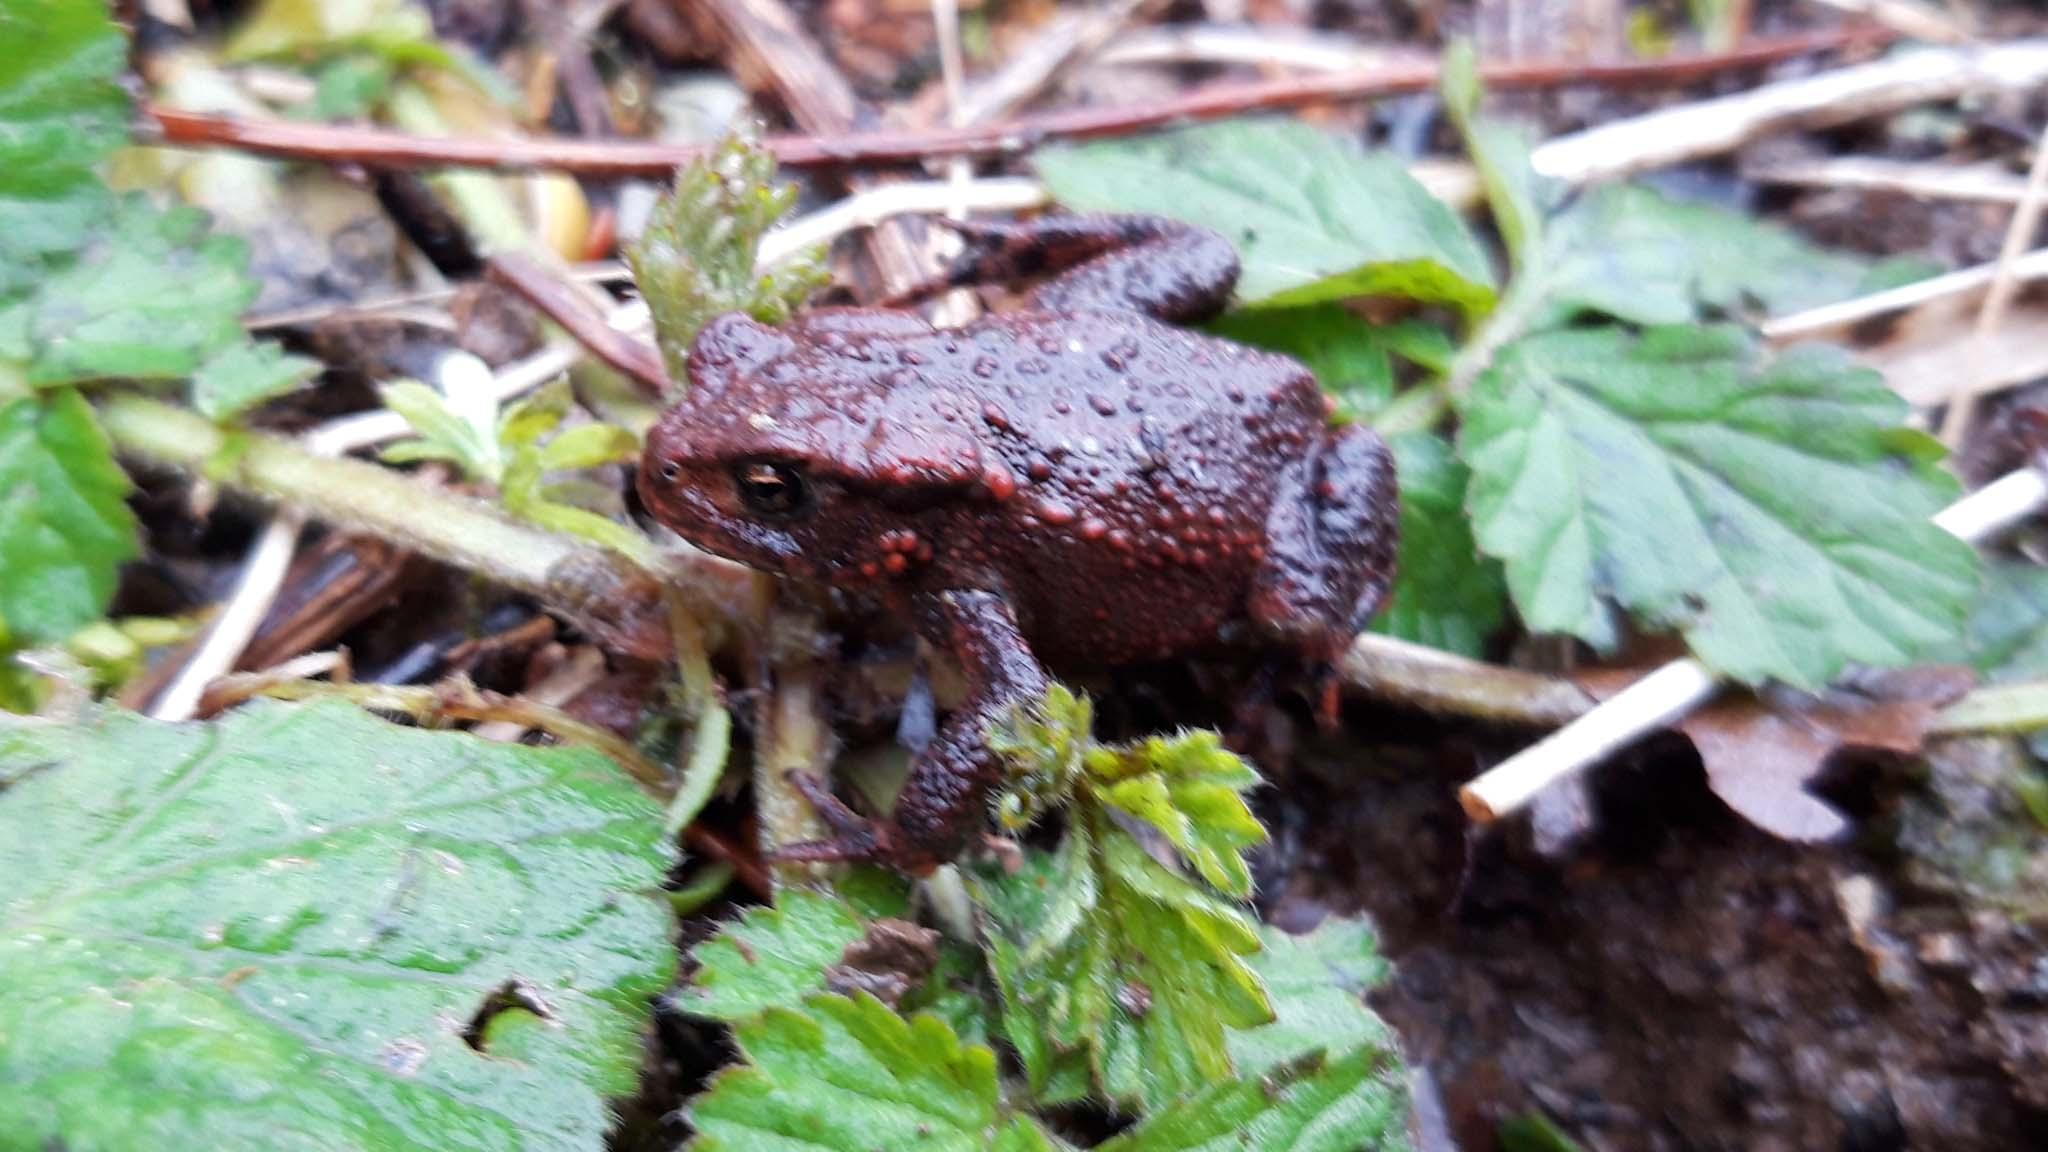 Toad seen at Dartington. Credit: Vicky Churchhill